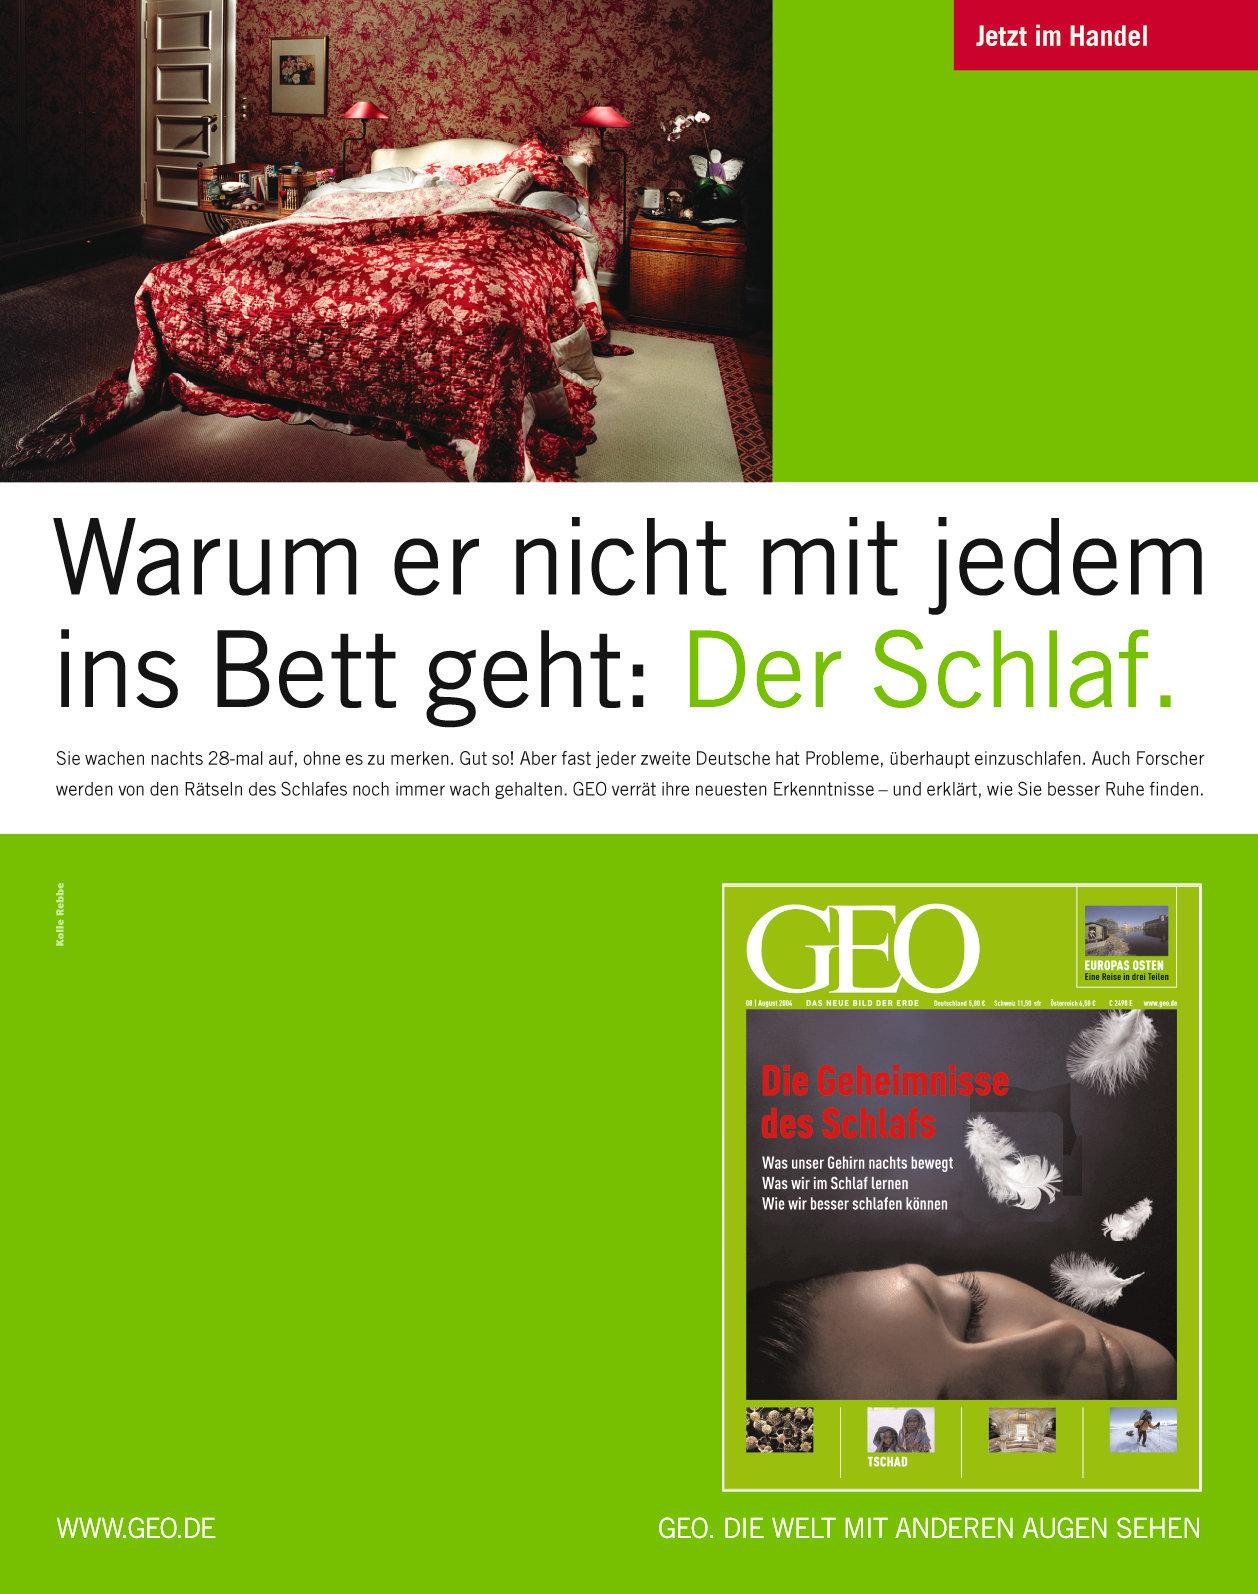 GEO / Heftanzeigen